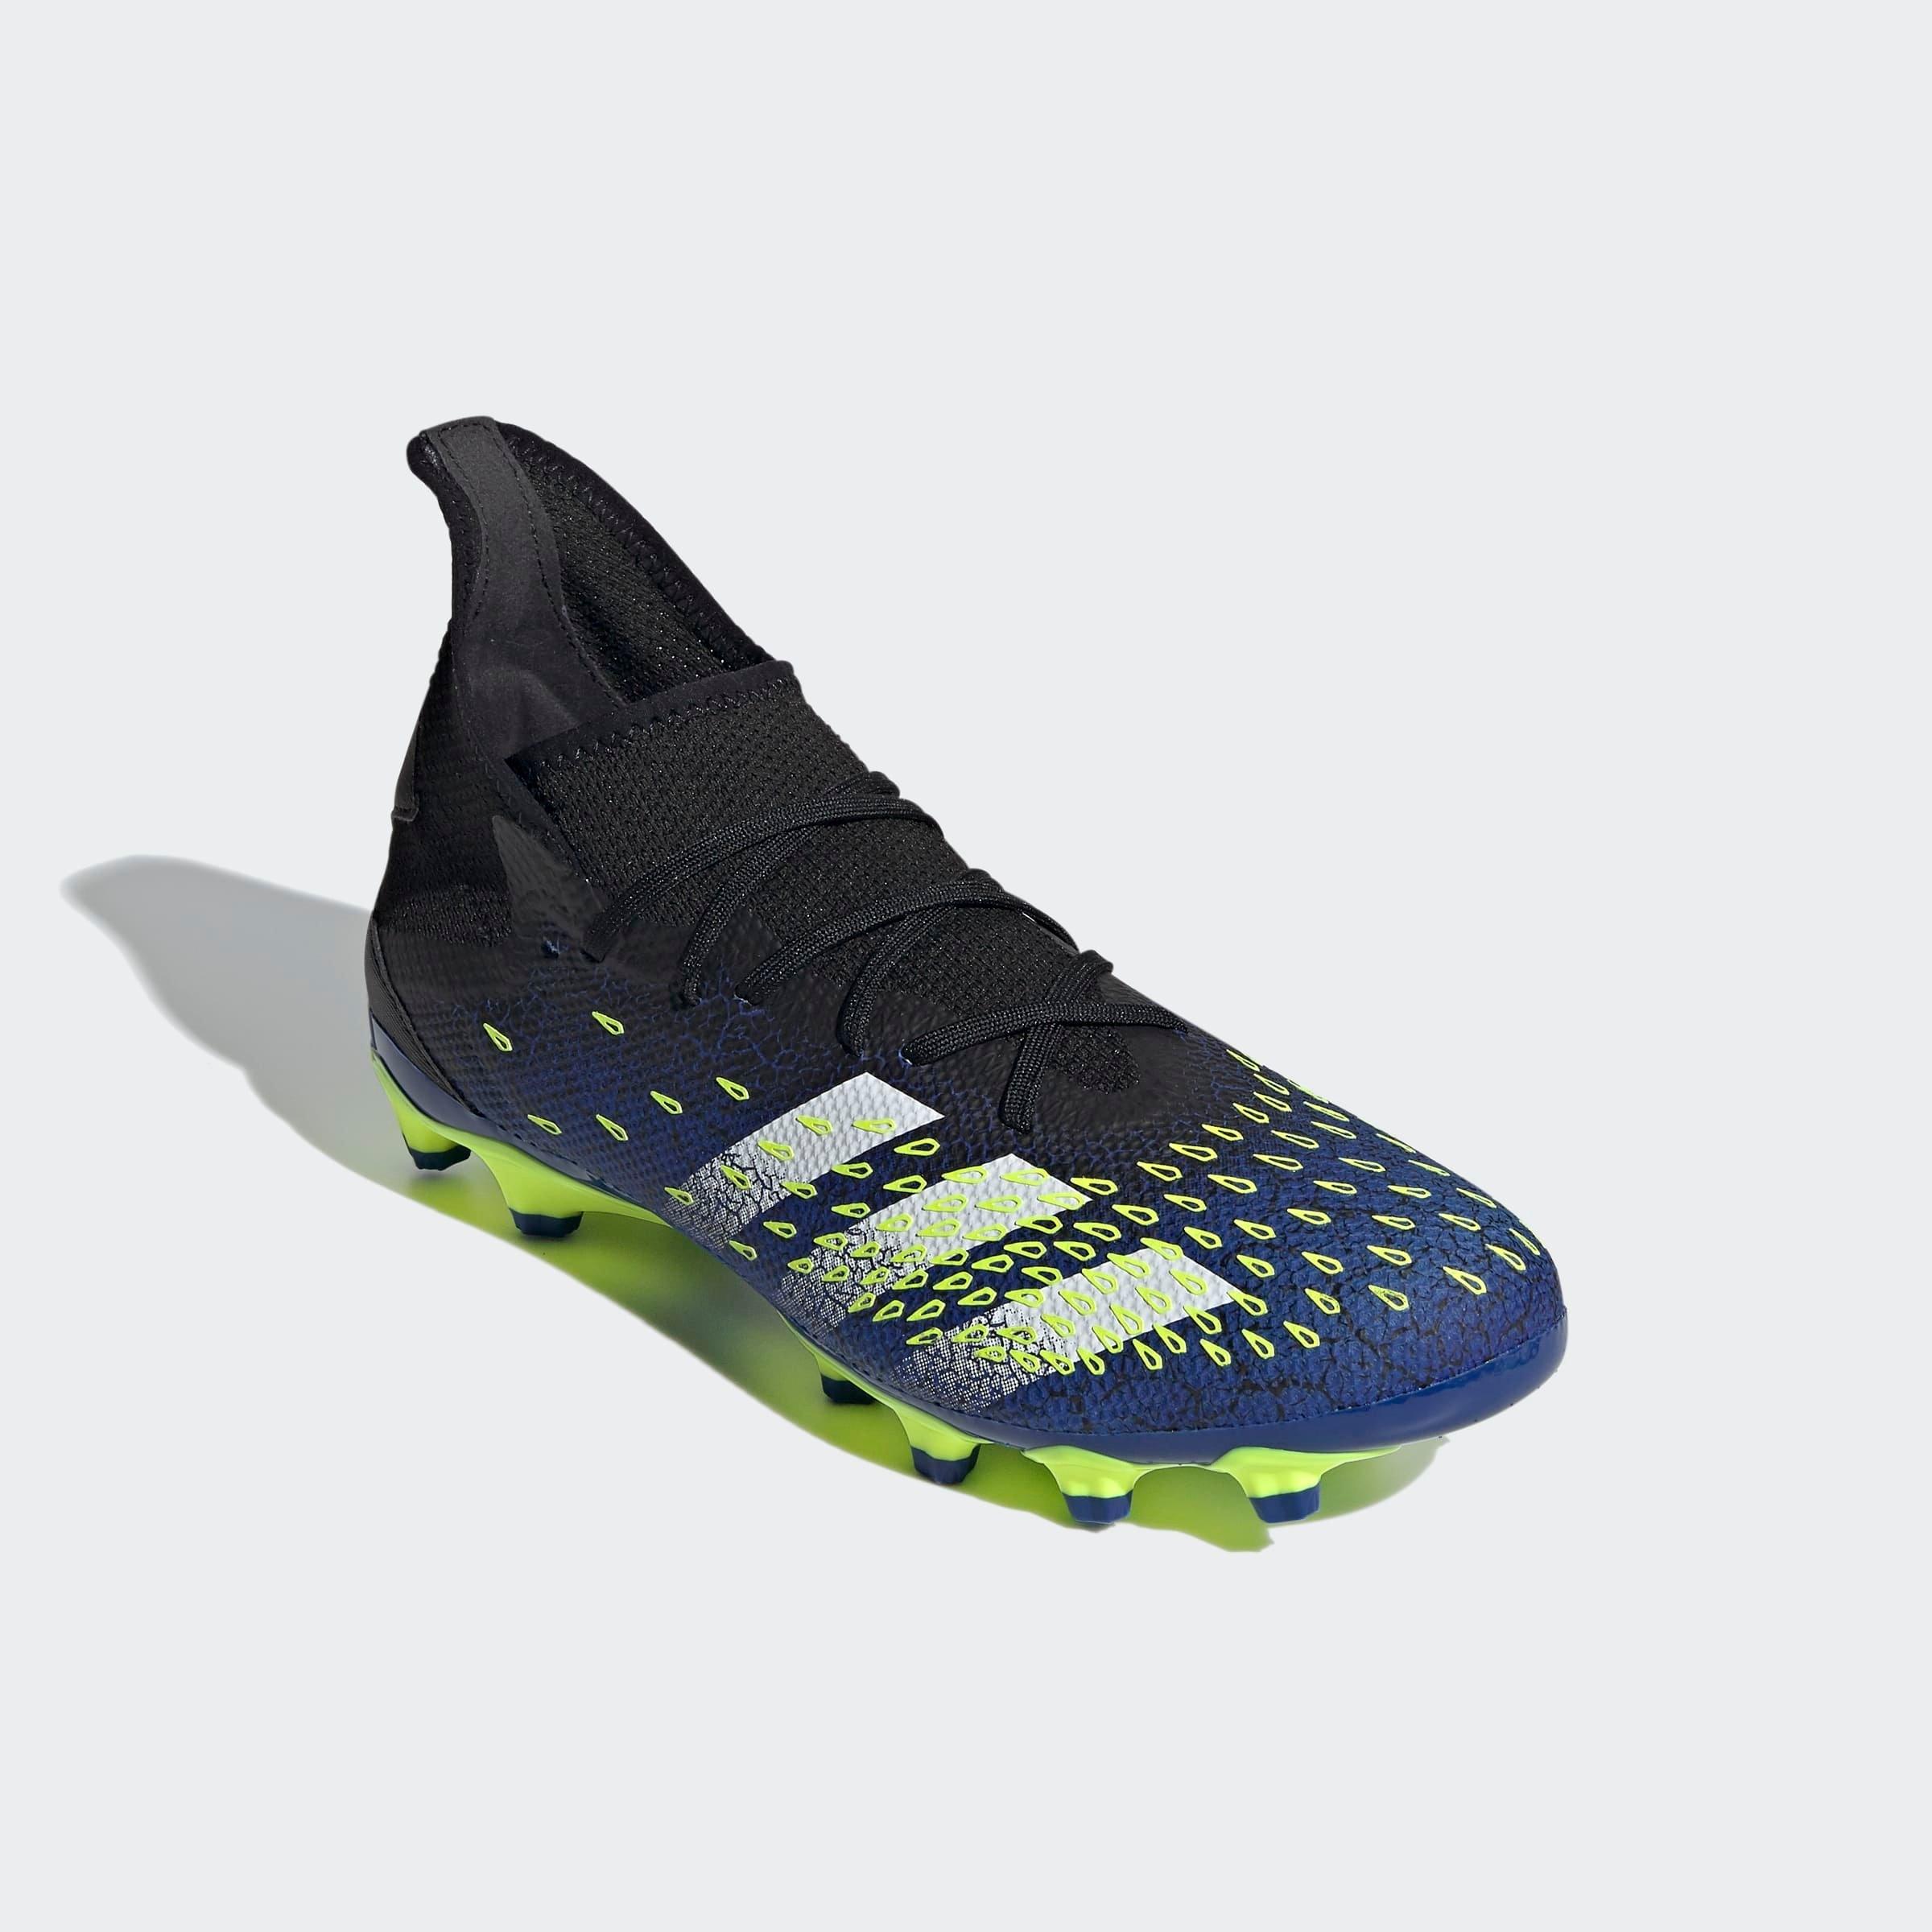 adidas Performance voetbalschoenen PREDATOR FREAK.3 MG online kopen op otto.nl